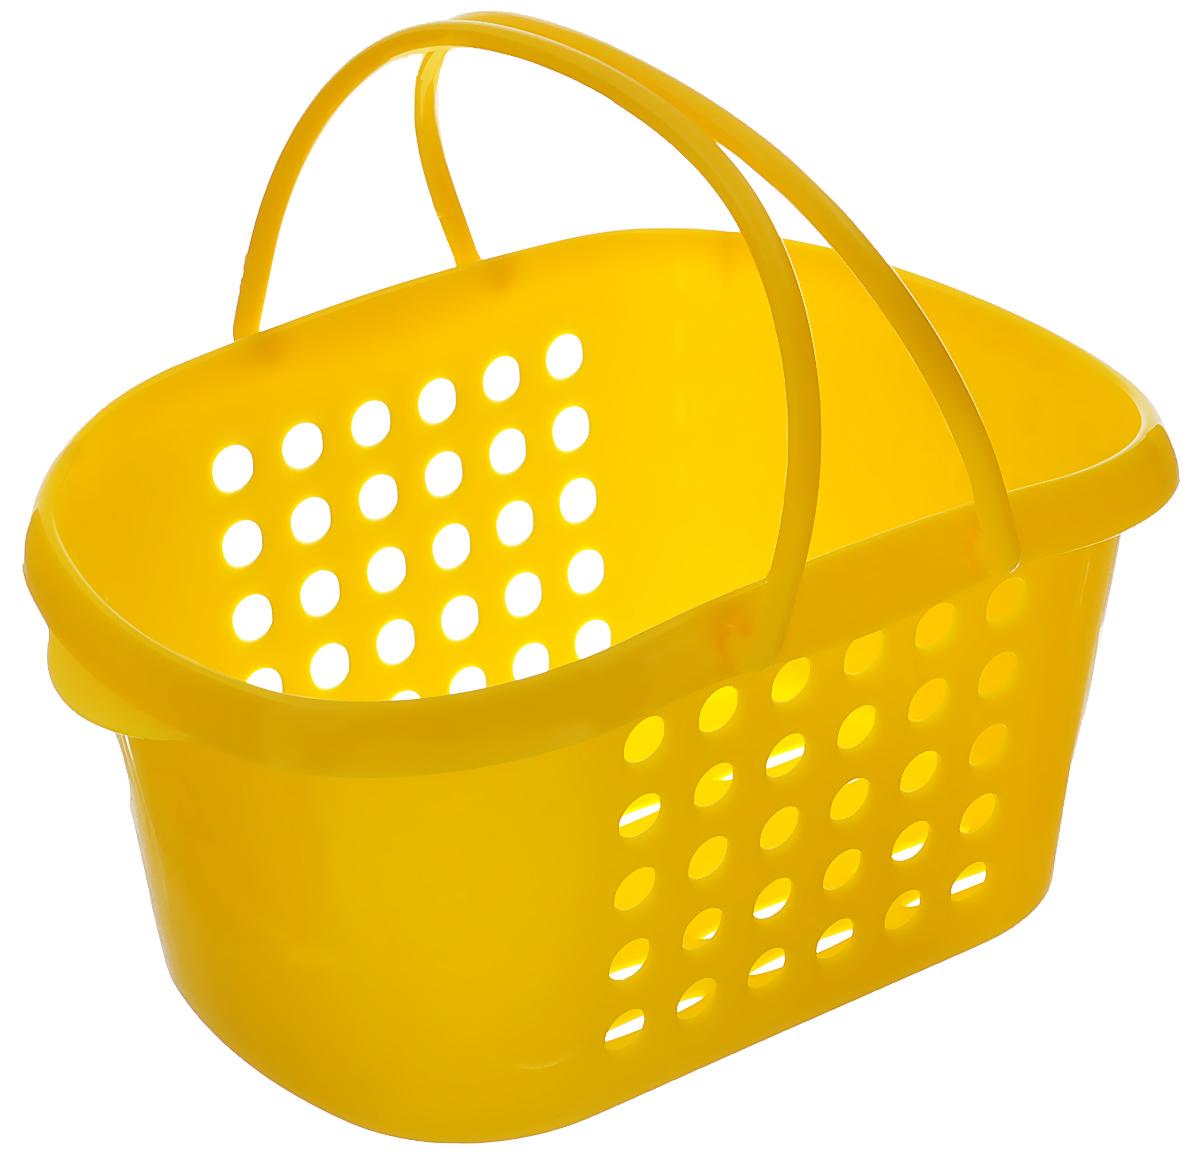 Корзинка универсальная Econova, с ручками, цвет: желтый, 23 см х 17,3 см х 11,5 смCLP446Универсальная корзинка Econova изготовлена из высококачественного пластика и предназначена для хранения и транспортировки вещей. Корзинка подойдет как для пищевых продуктов, так и для ванных принадлежностей и различных мелочей. Изделие оснащено двумя ручками для более удобной транспортировки. Стенки корзинки оформлены перфорацией, что обеспечивает естественную вентиляцию. Универсальная корзинка Econova позволит вам хранить вещи компактно и с удобством.